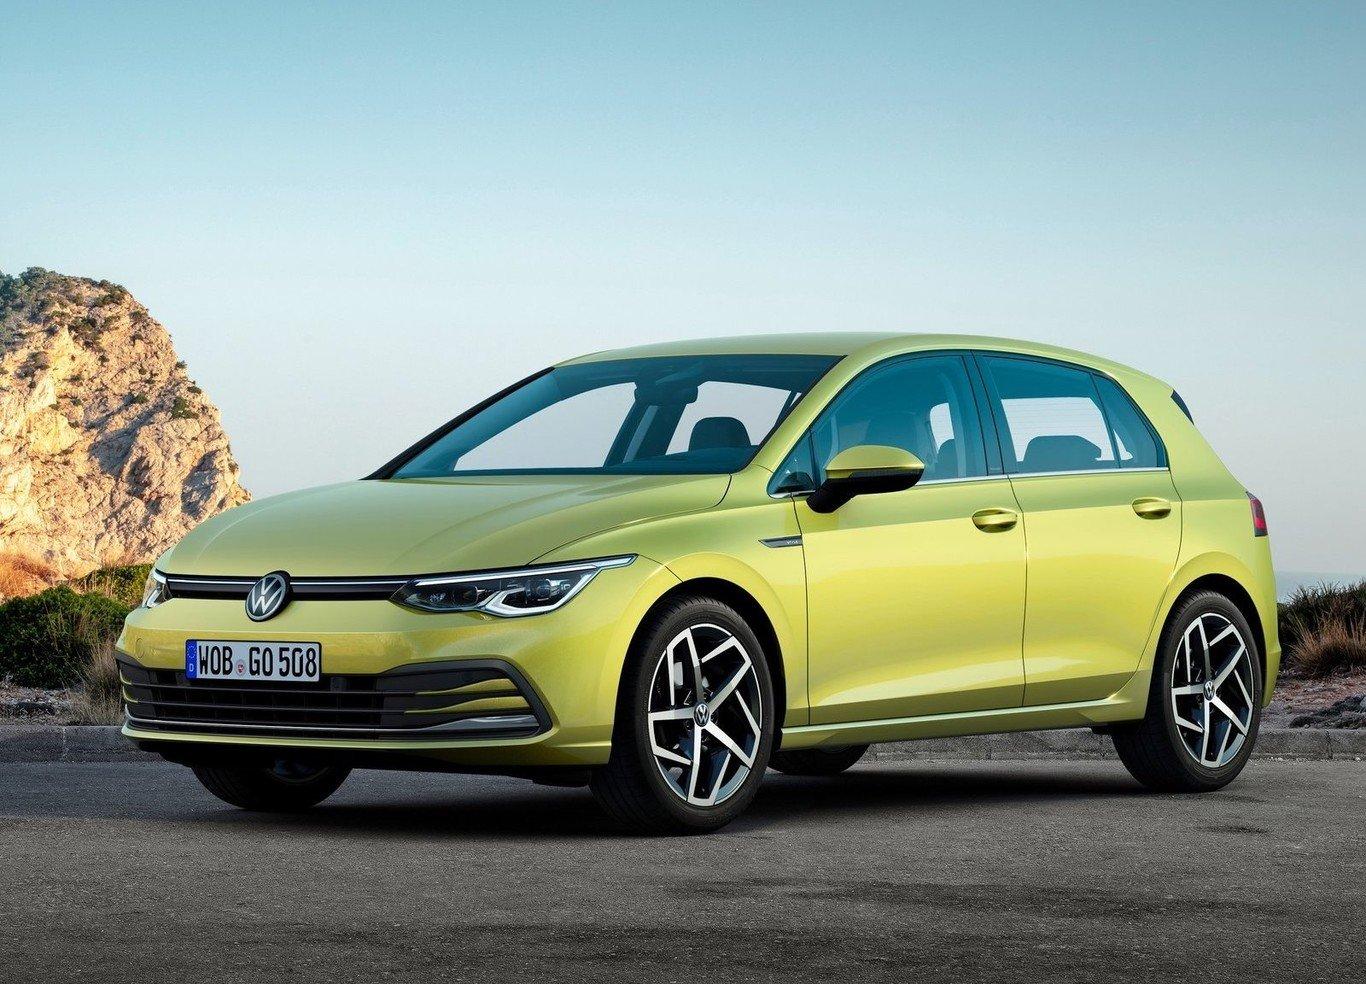 volkswagen-golf-el-auto-mas-vendido-en-europa